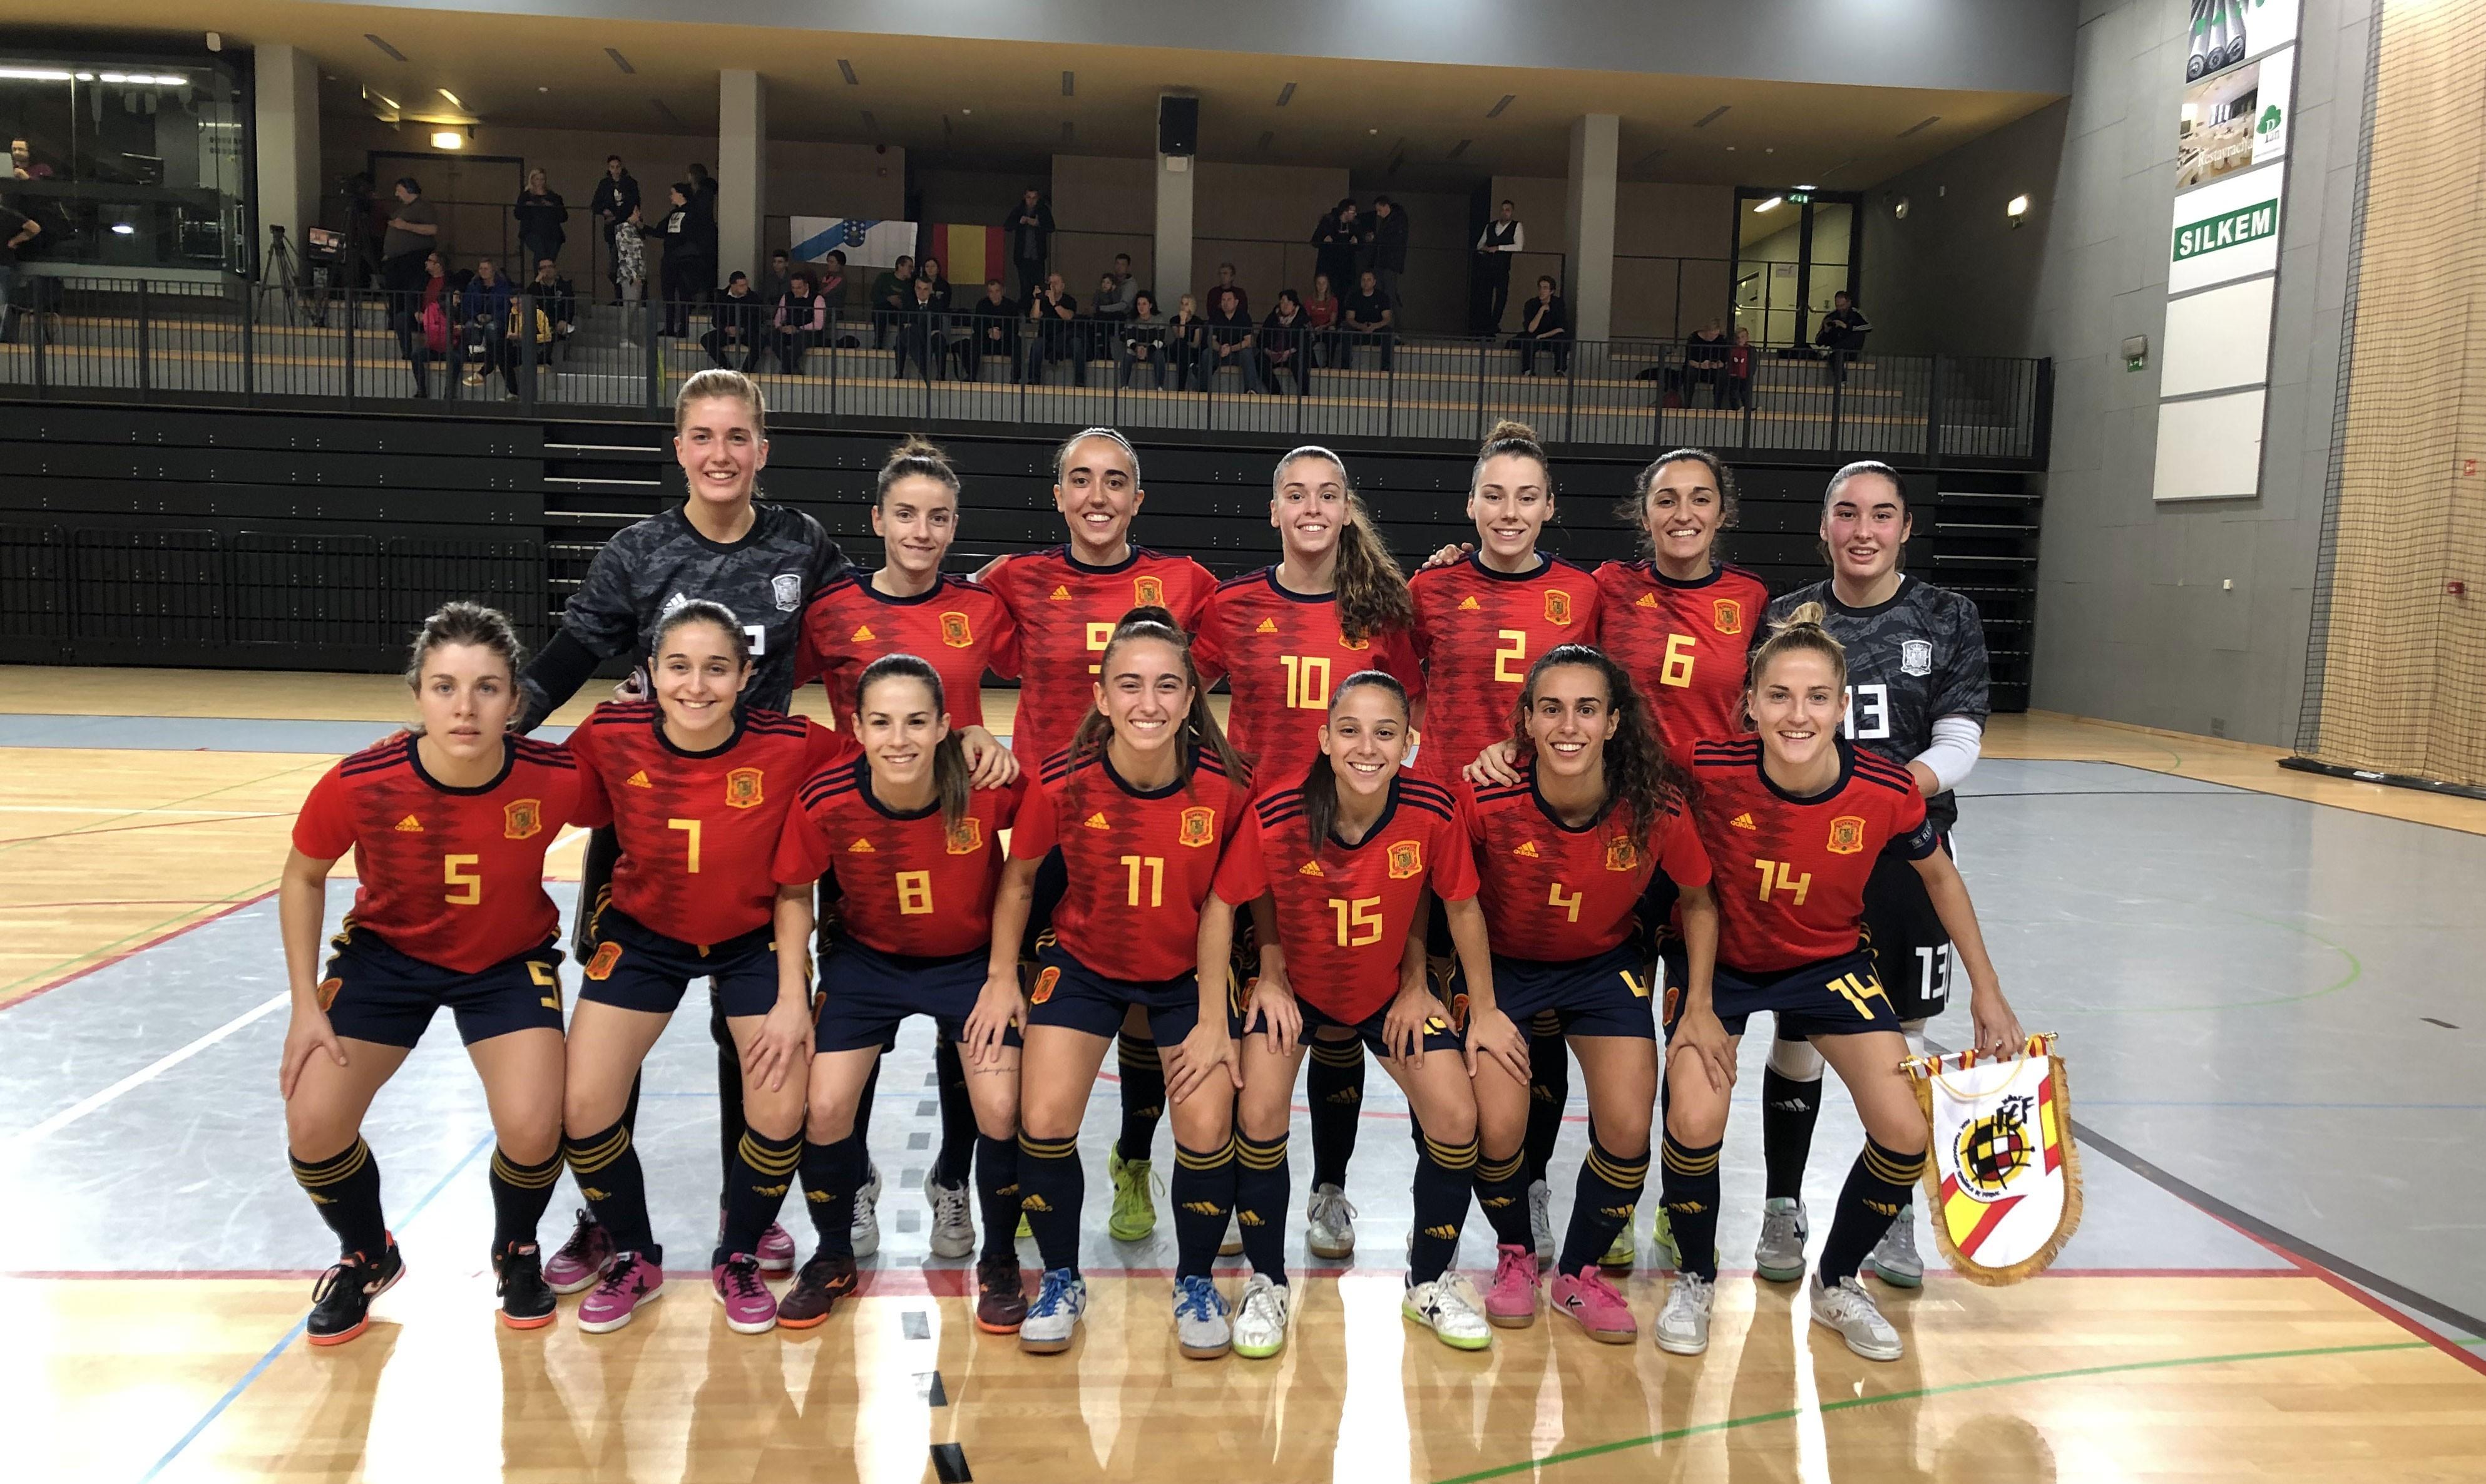 La Selección Española de Fútbol Sala Femenino gana 11-0 a Eslovenia en el primer amistoso